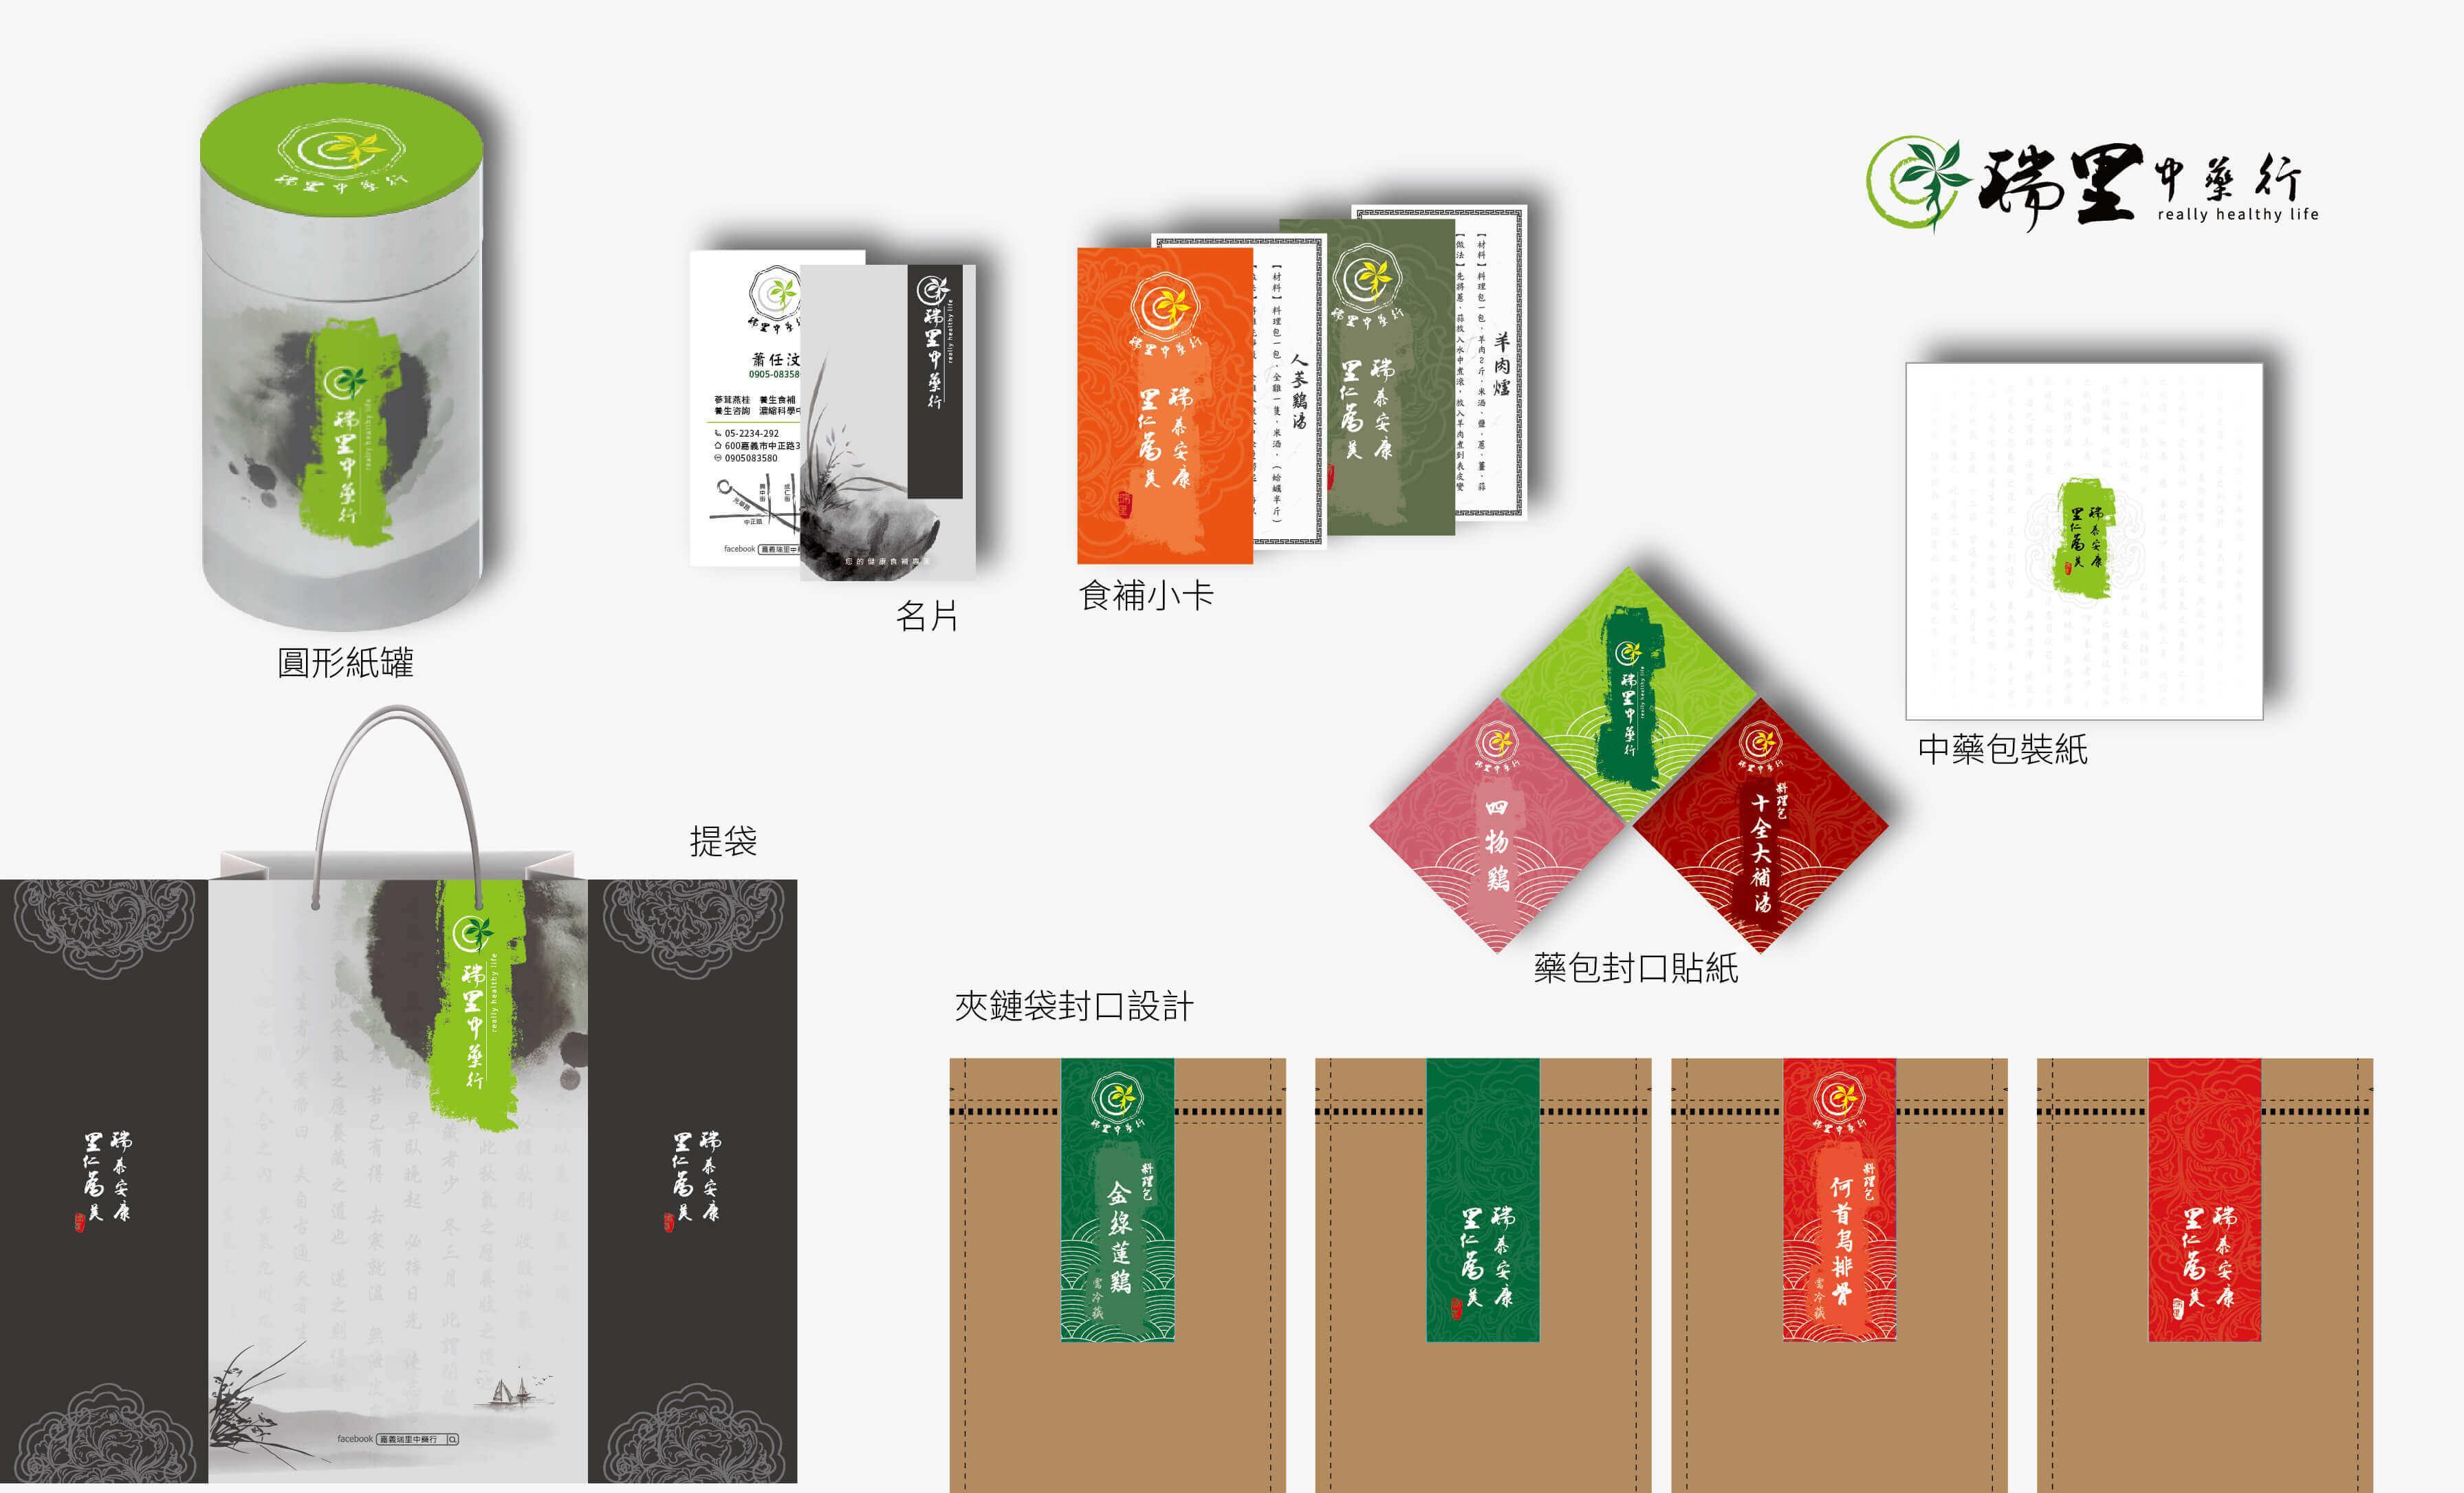 橙色形象視覺設計, 企業視覺識別系統, 品牌規劃, 平面設計, 企業LOGO商標設計, 產品包裝設計